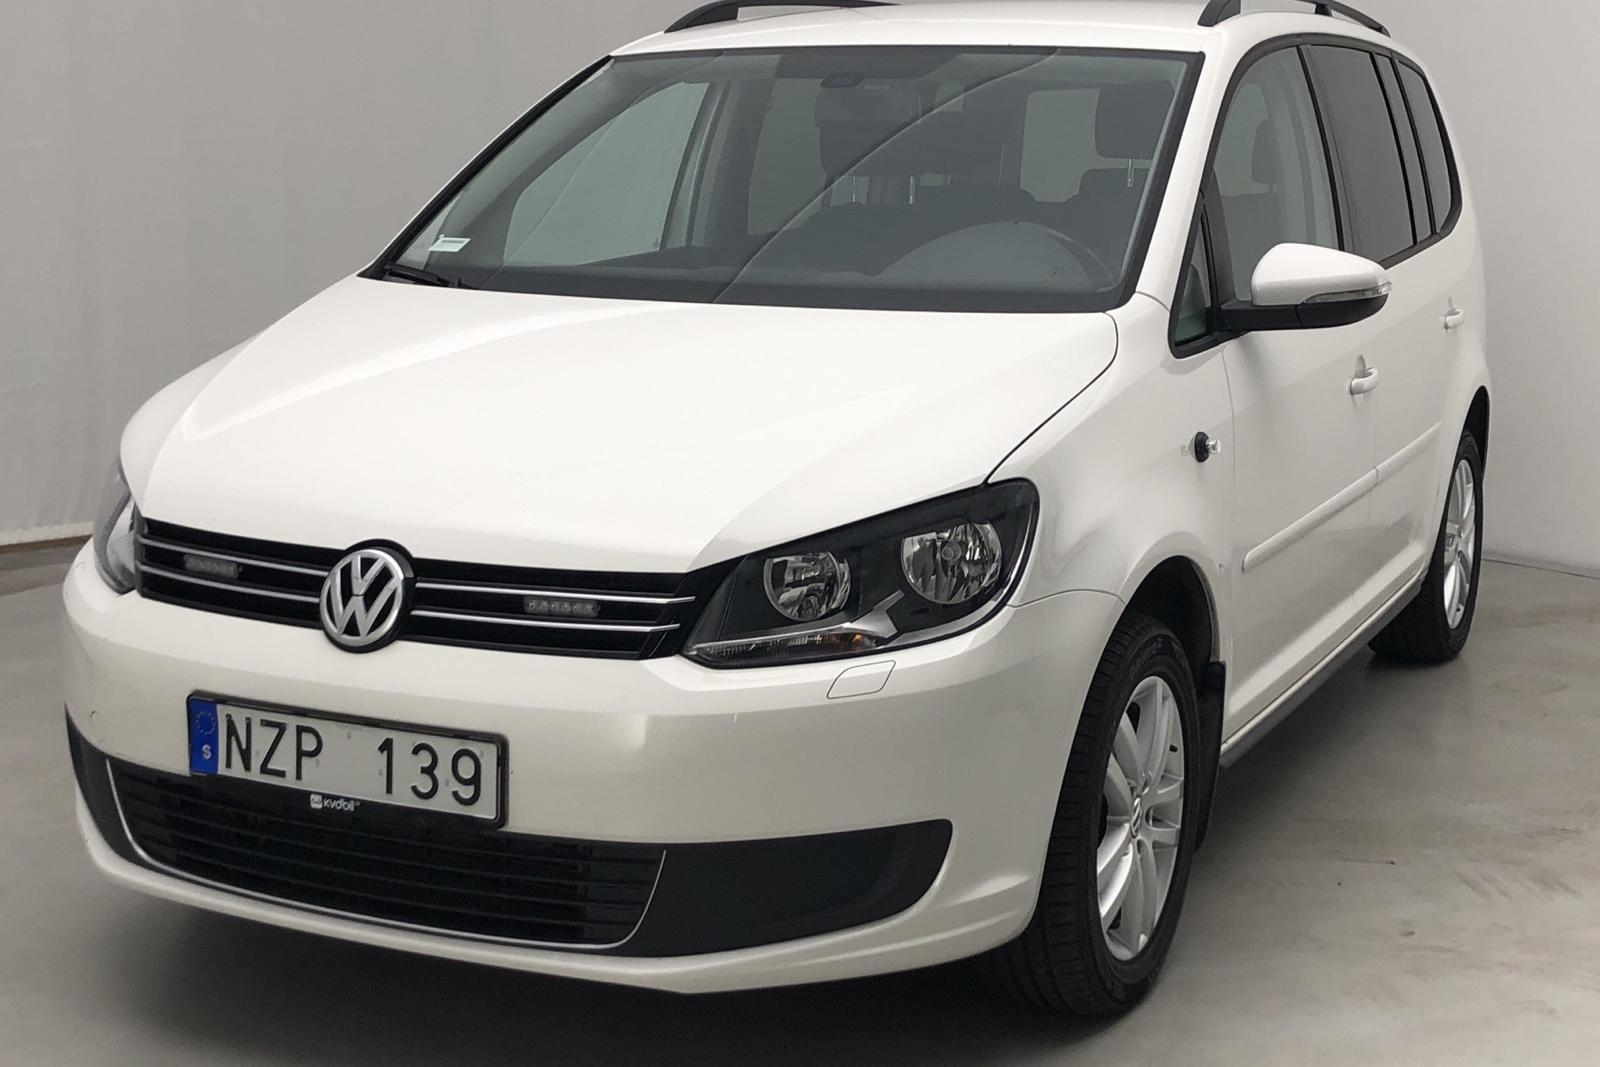 VW Touran 1.4 TGI EcoFuel (150 hk)